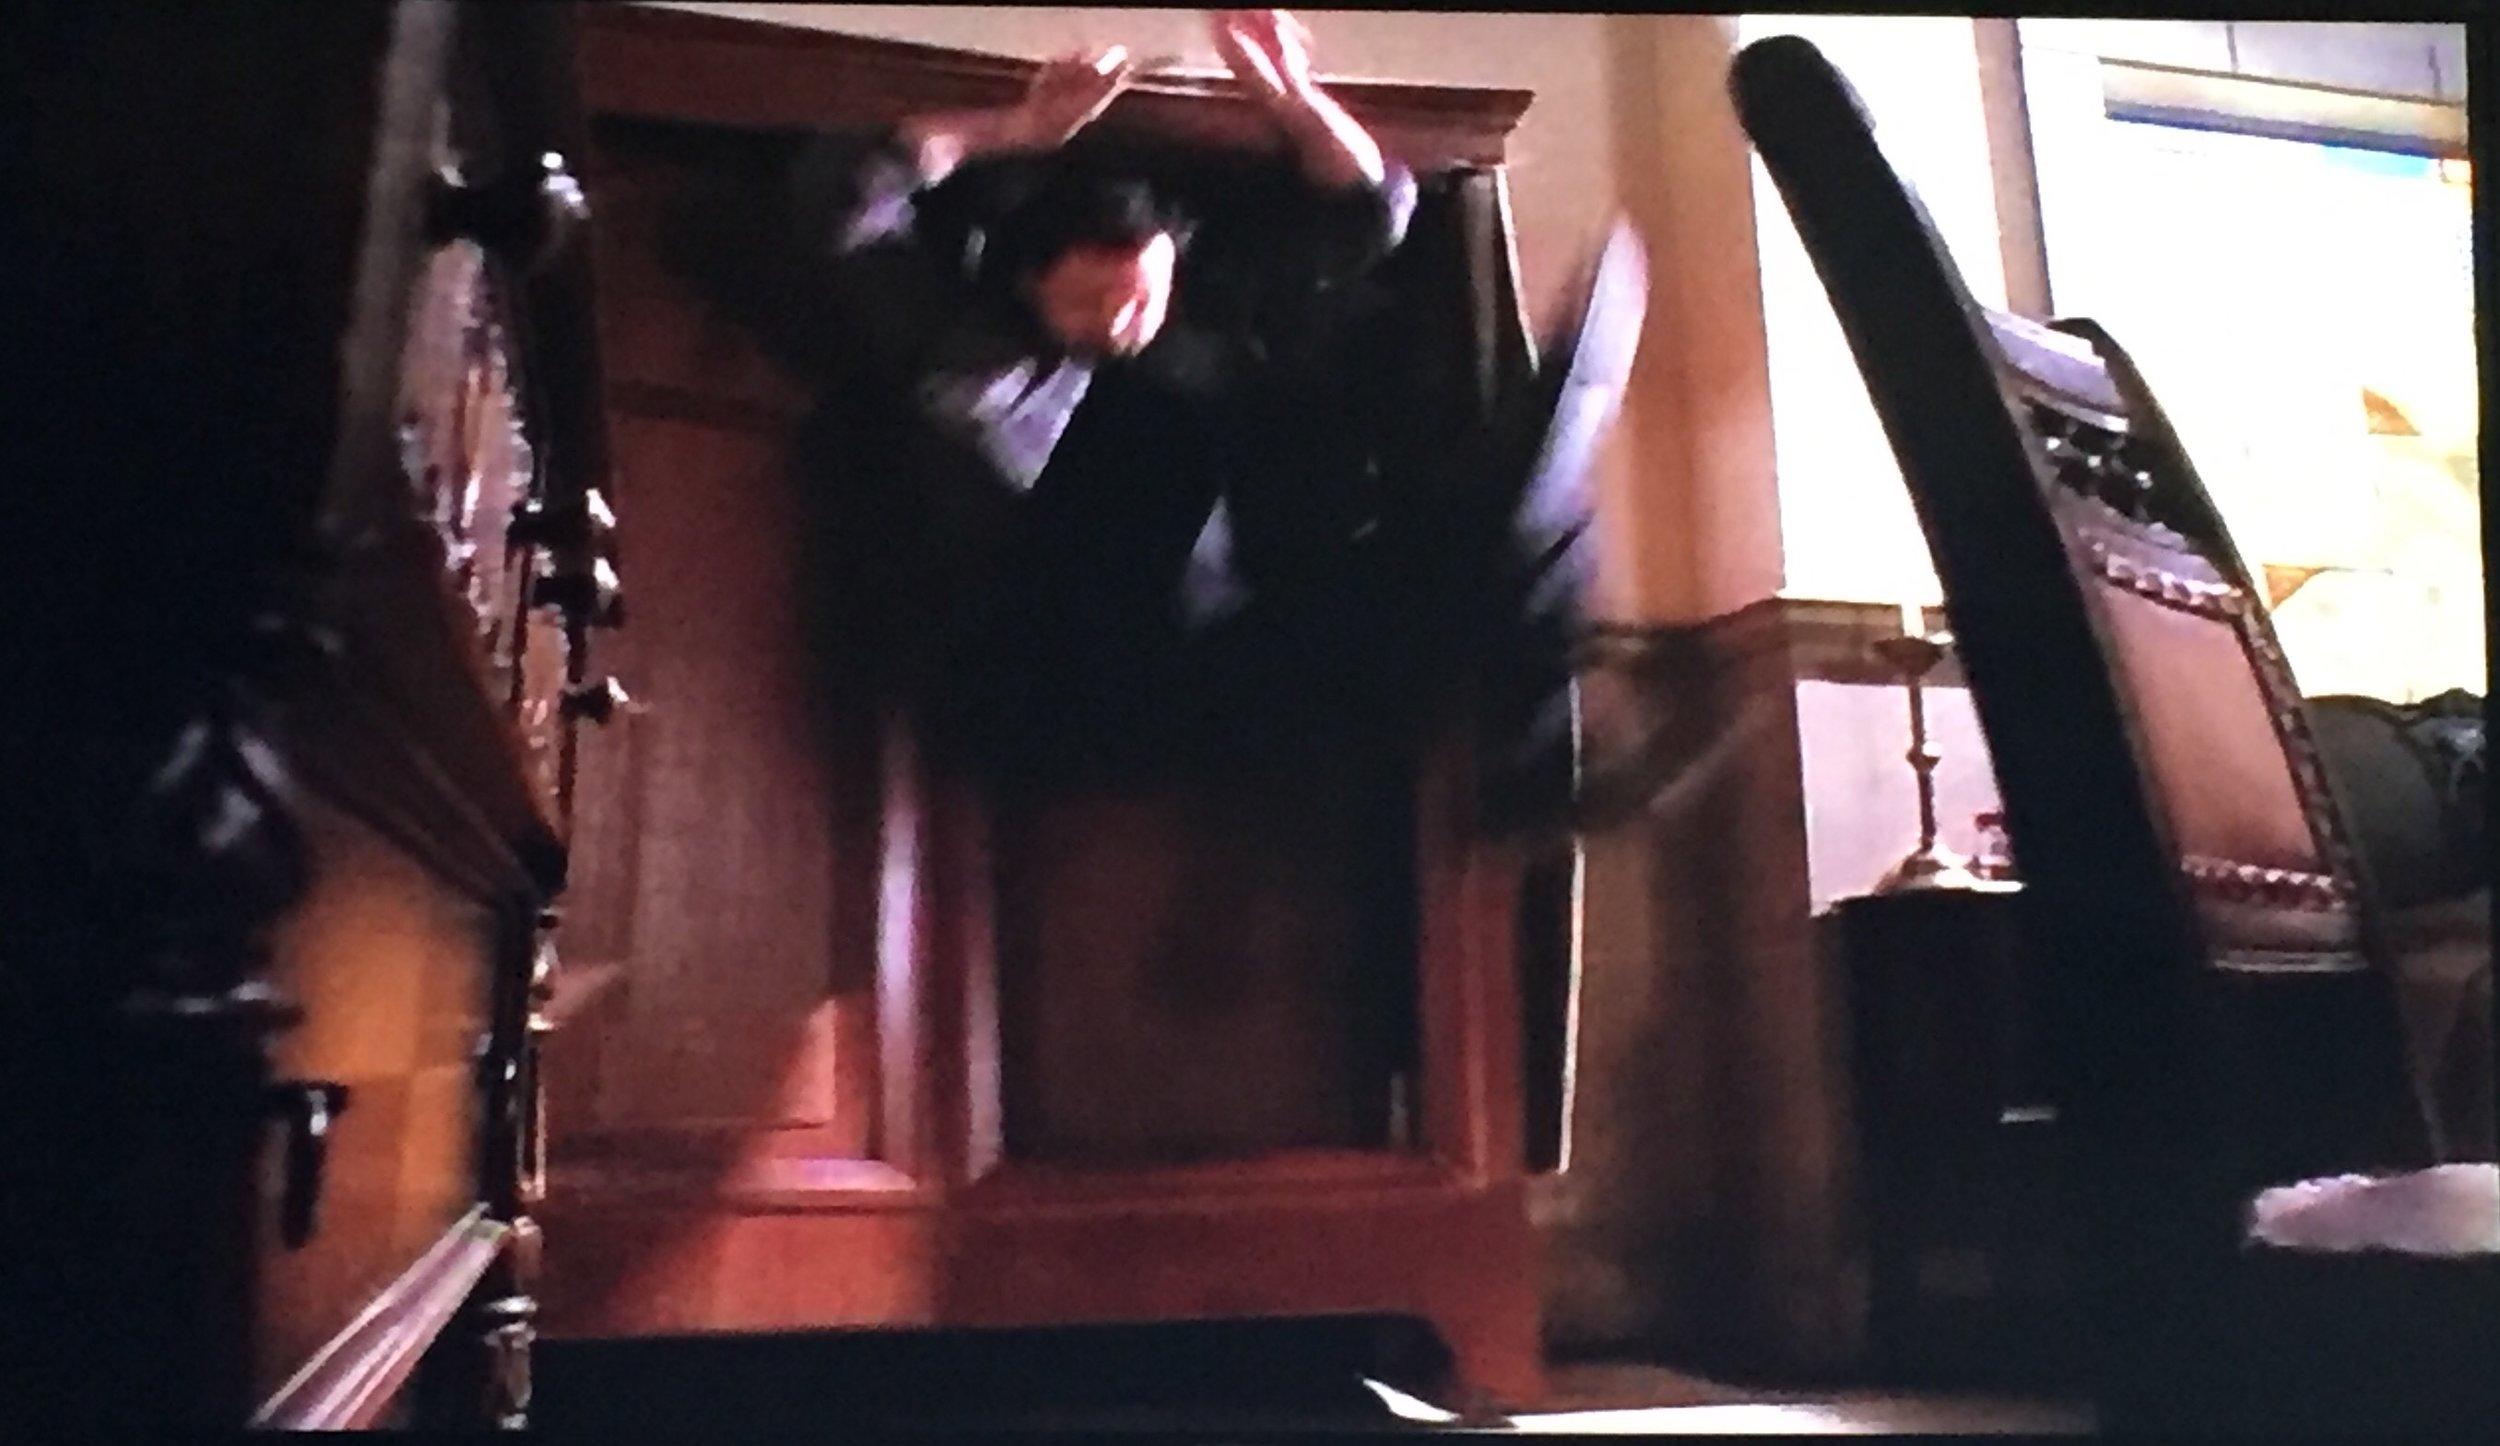 ...flies into a wardrobe...